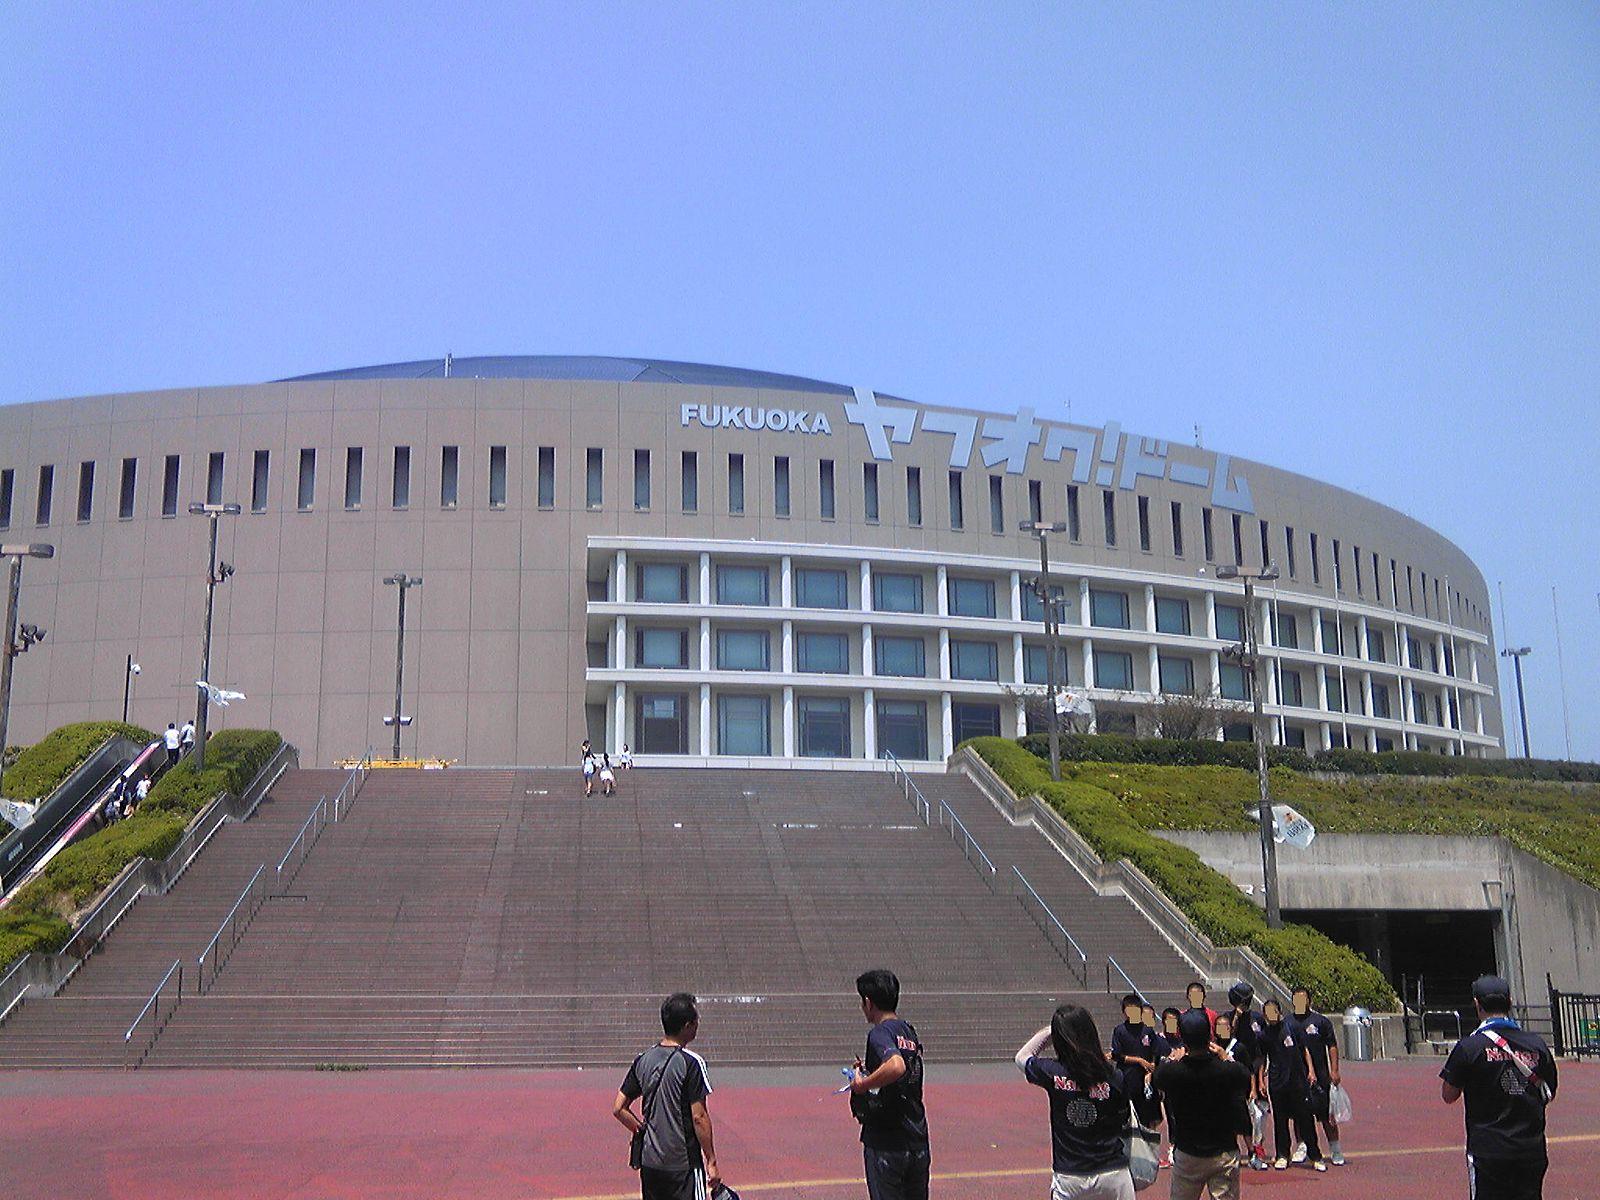 福岡PayPayドーム(旧ヤフオクドーム)付近で荷物を預けるならエクボクローク!コインロッカー代わりに、身軽に野球・ライブ参戦